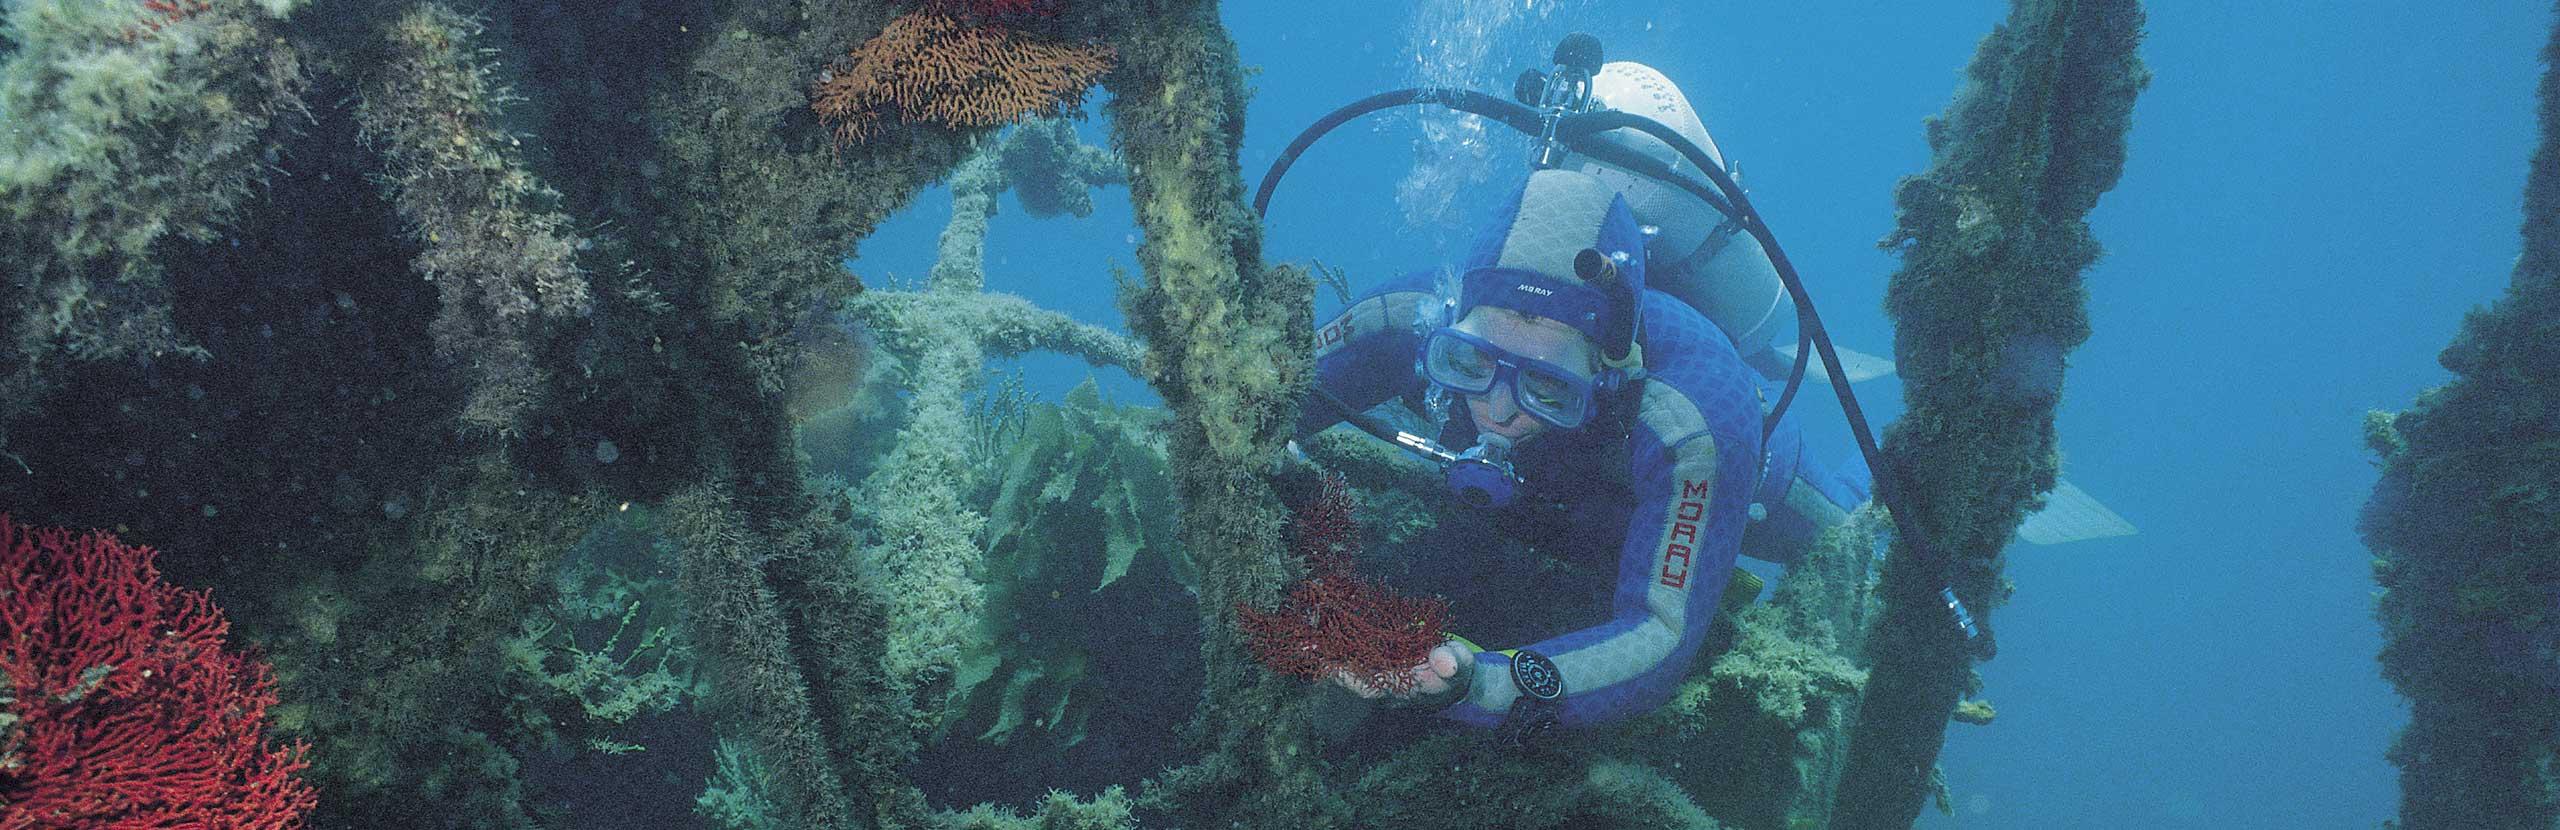 Underwater Trails